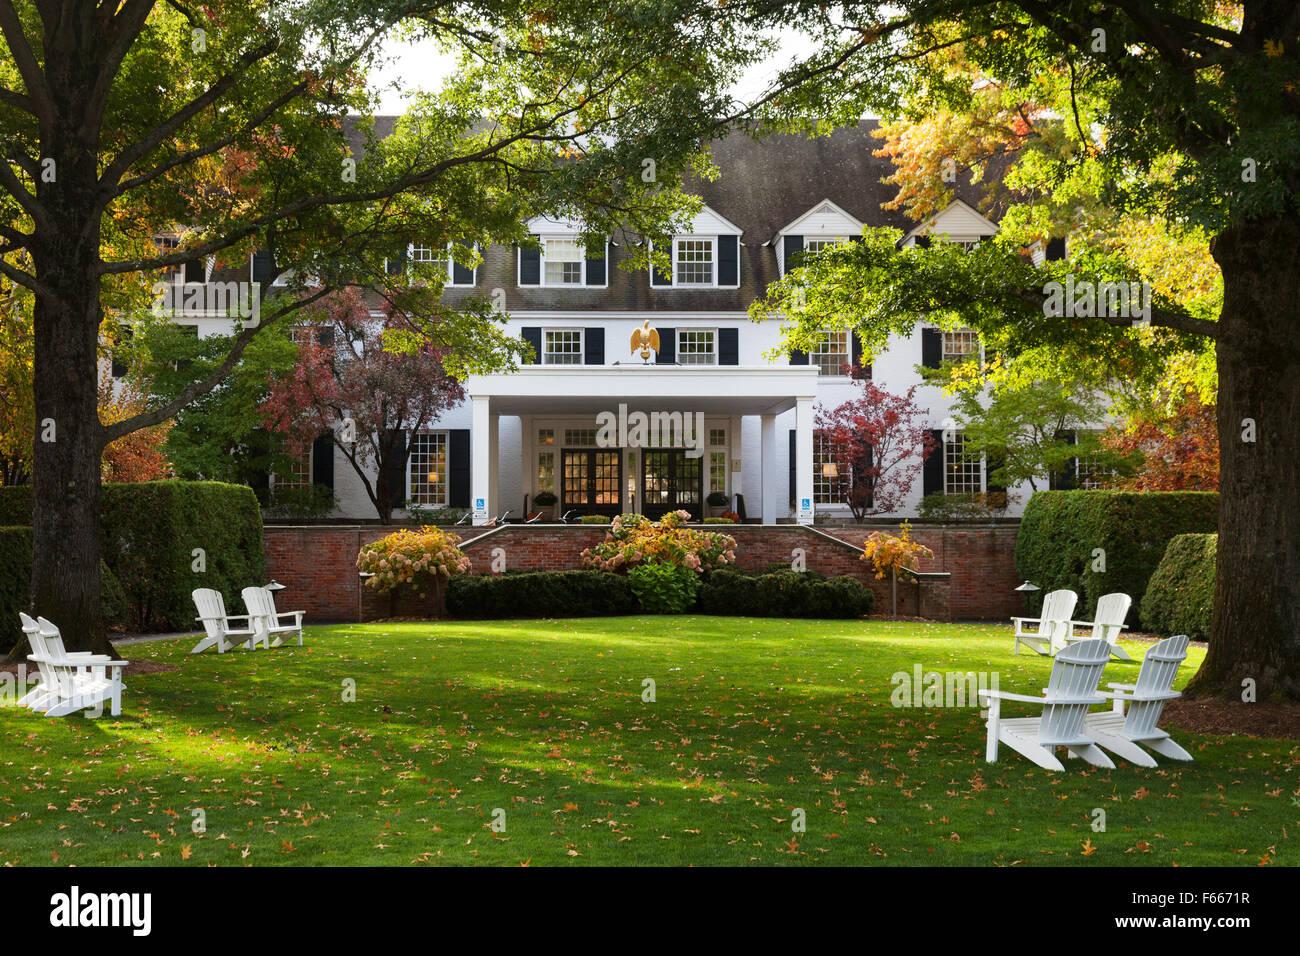 El Luxury Inn Resort, Woodstock Woodstock, Vermont VT , Nueva Inglaterra, EE.UU. Imagen De Stock